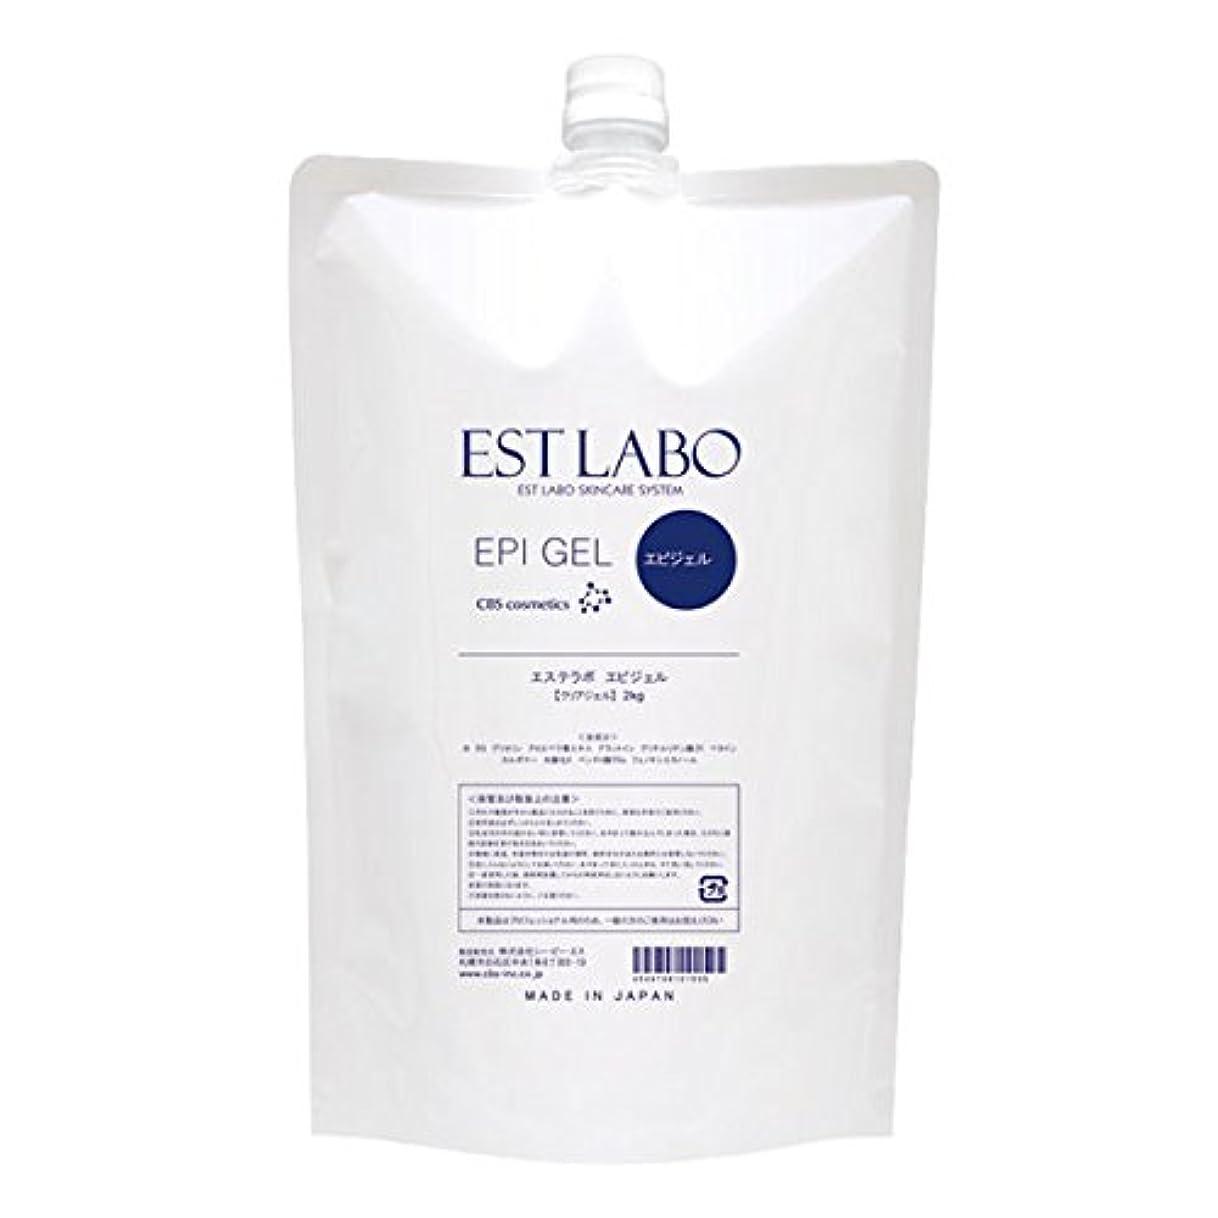 きらめく考慮角度脱毛 EST LABO エピジェル(1袋?2kg)×2 合計2袋?4kg 業務用